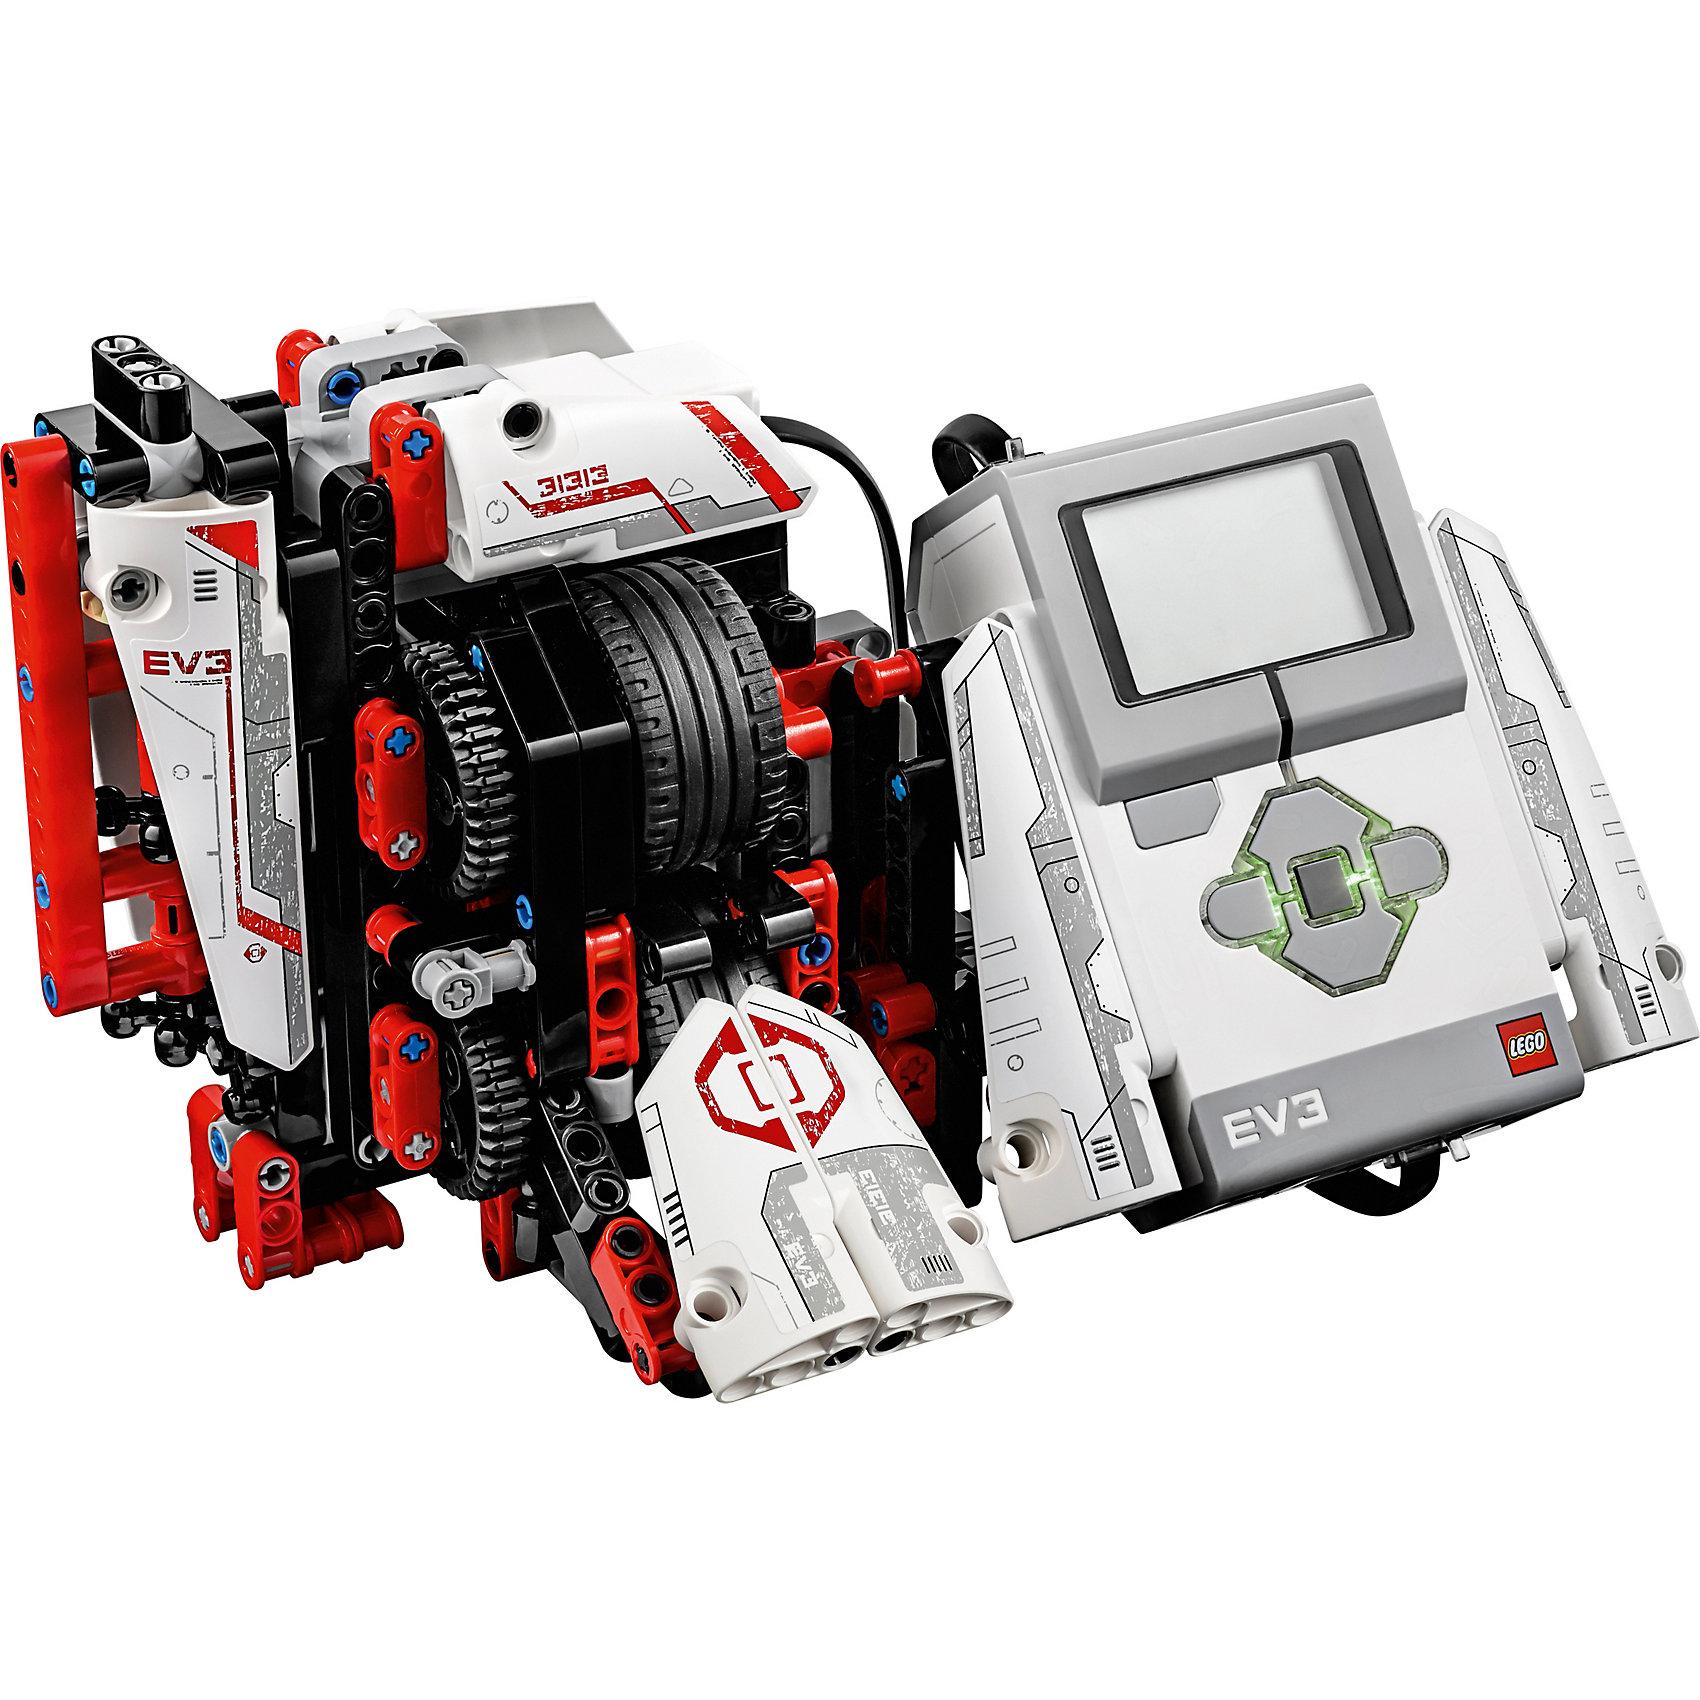 LEGO Mindstorms 31313: ����� EV3